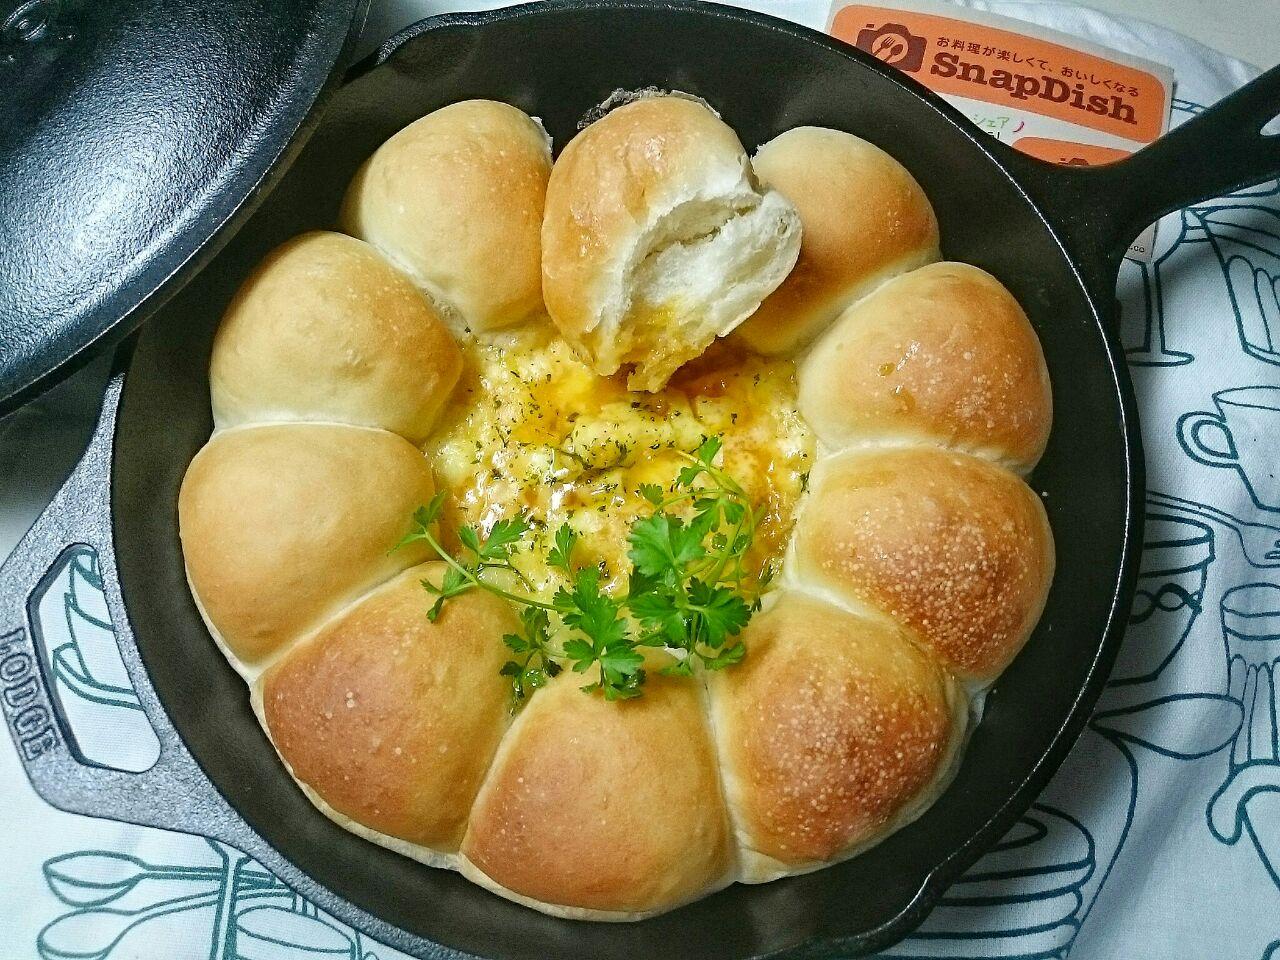 スキレットブレッド~真ん中にはとろけるチーズとスイチリソースを合わせたたっぷりのチーズソースを添えて?